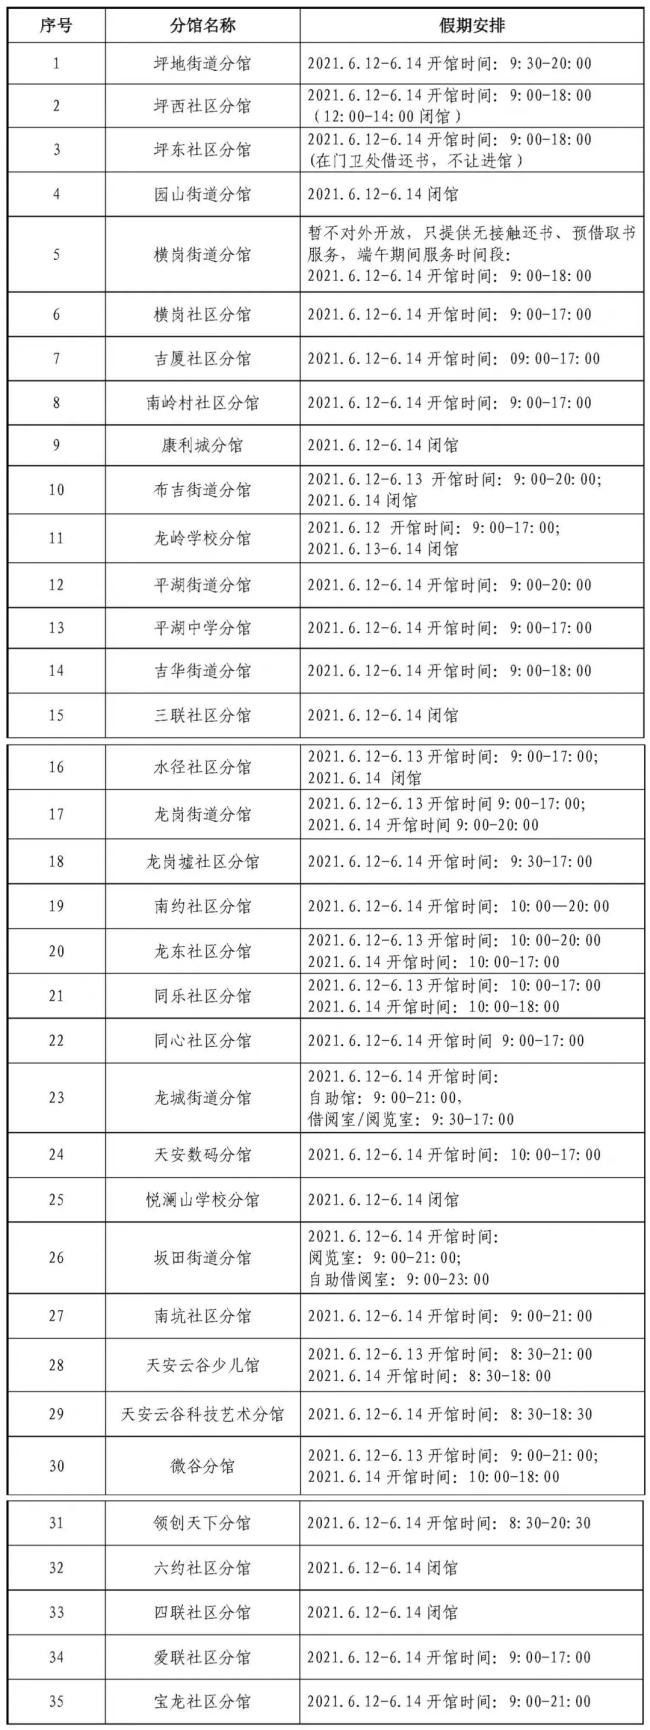 深圳龙岗区图书馆各分馆2021端午期间开放详情